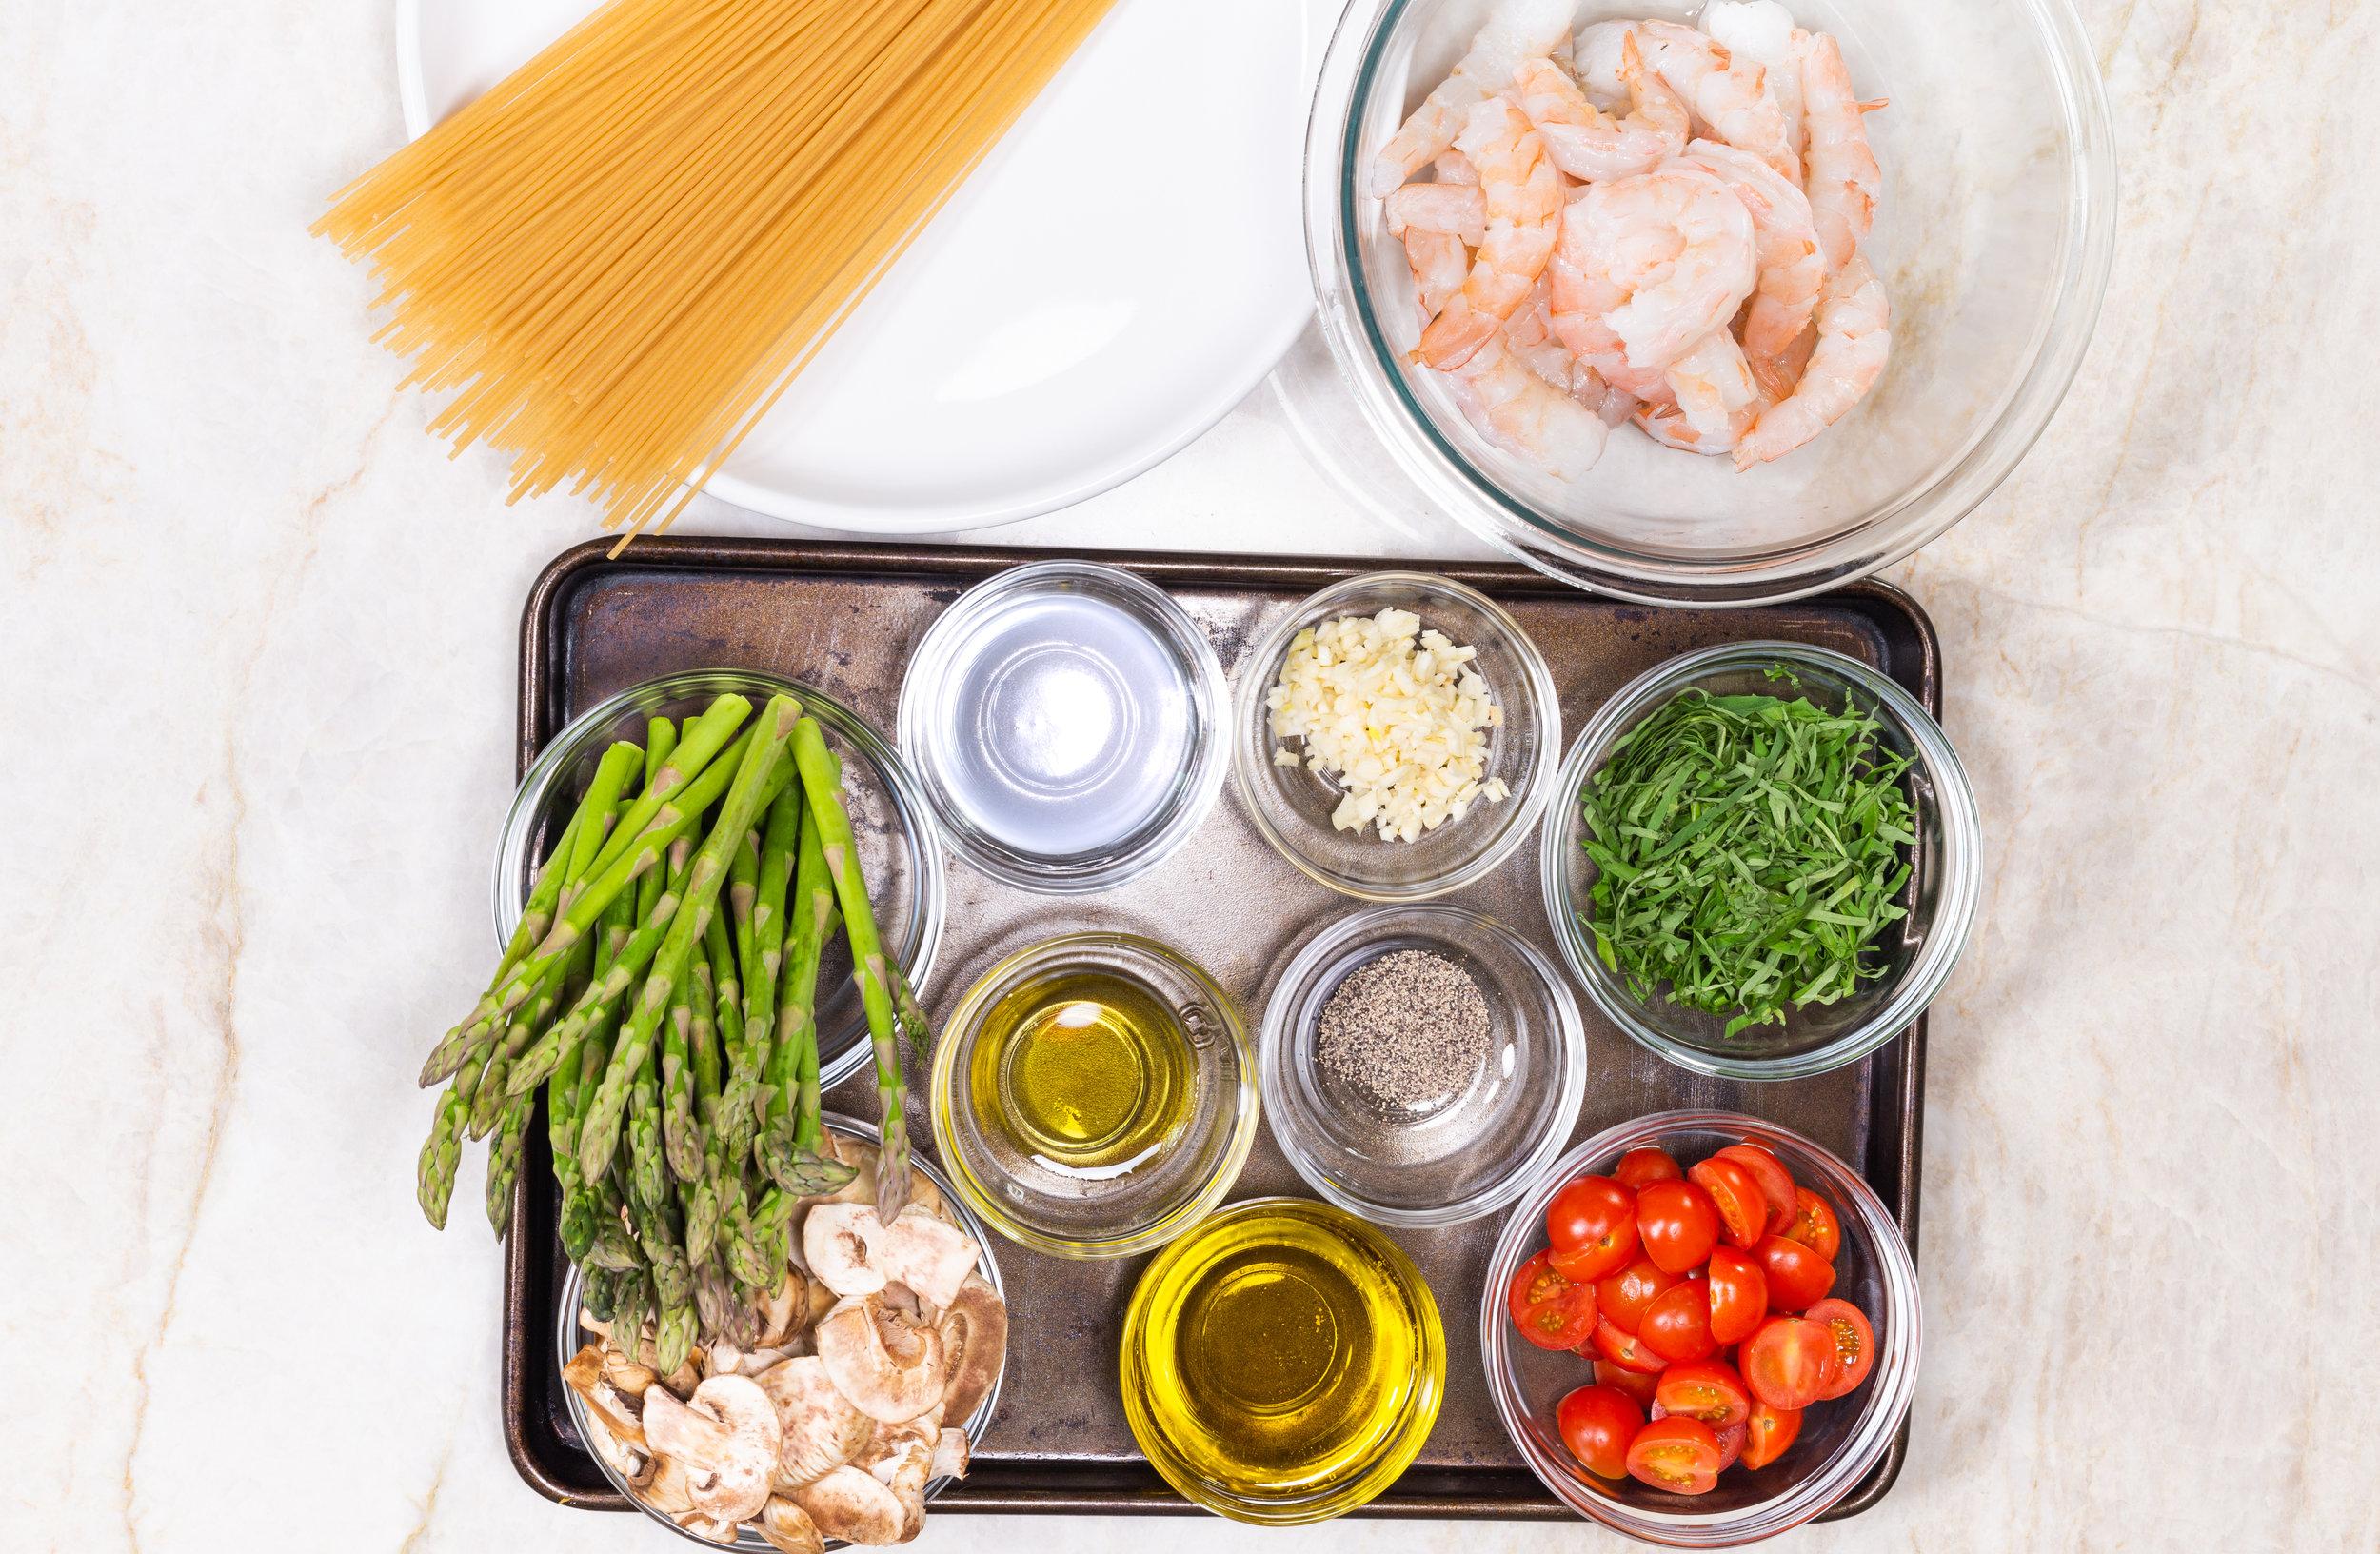 Karina Heinrich_Shrimp & Veggies with Brown Rice Linguine Ingredients 1 2019.jpg.jpg